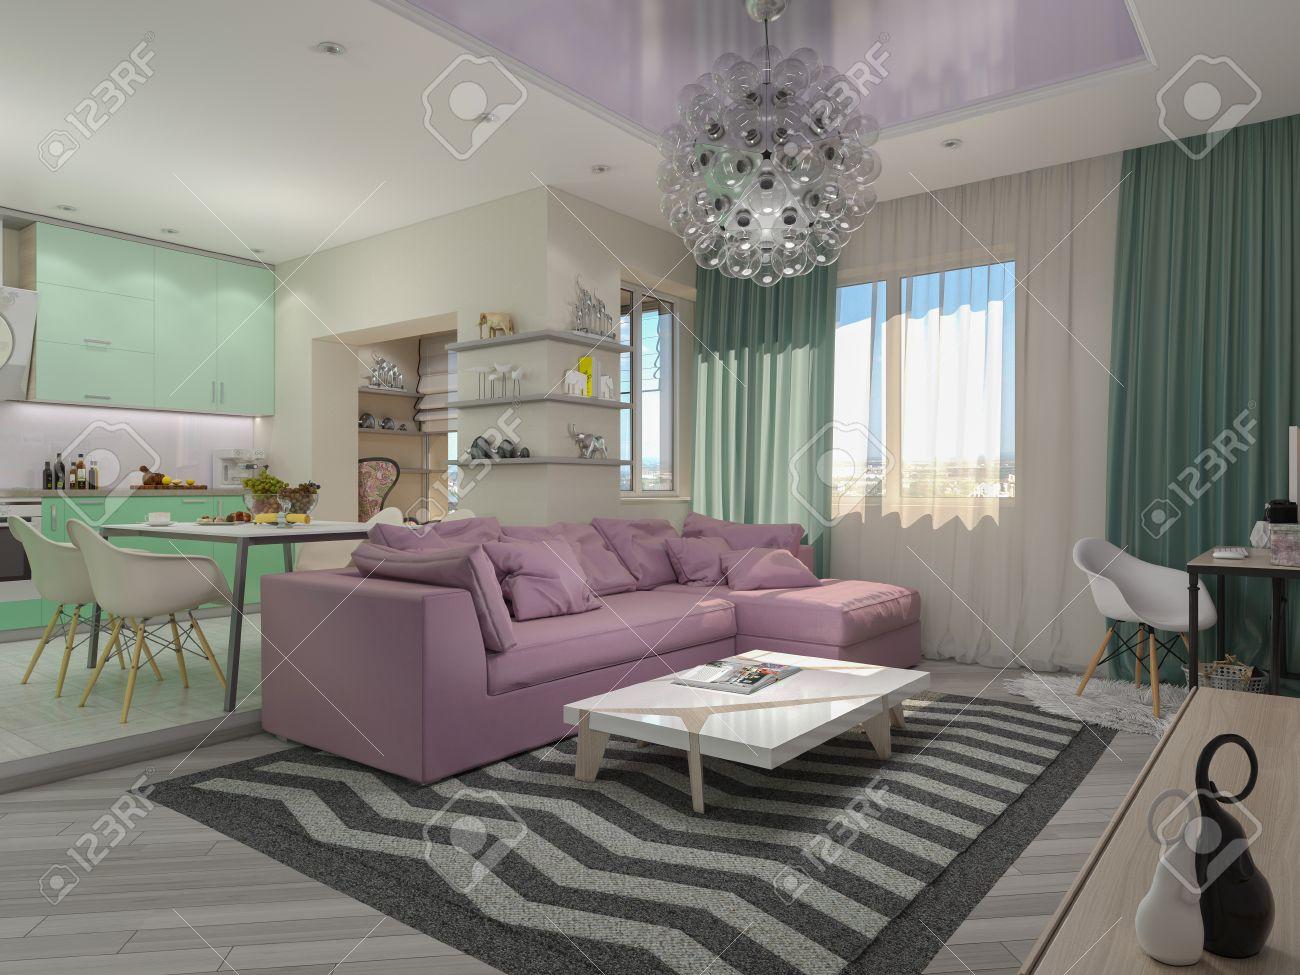 3d afbeelding van kleine appartementen in pastel kleuren. groene ...